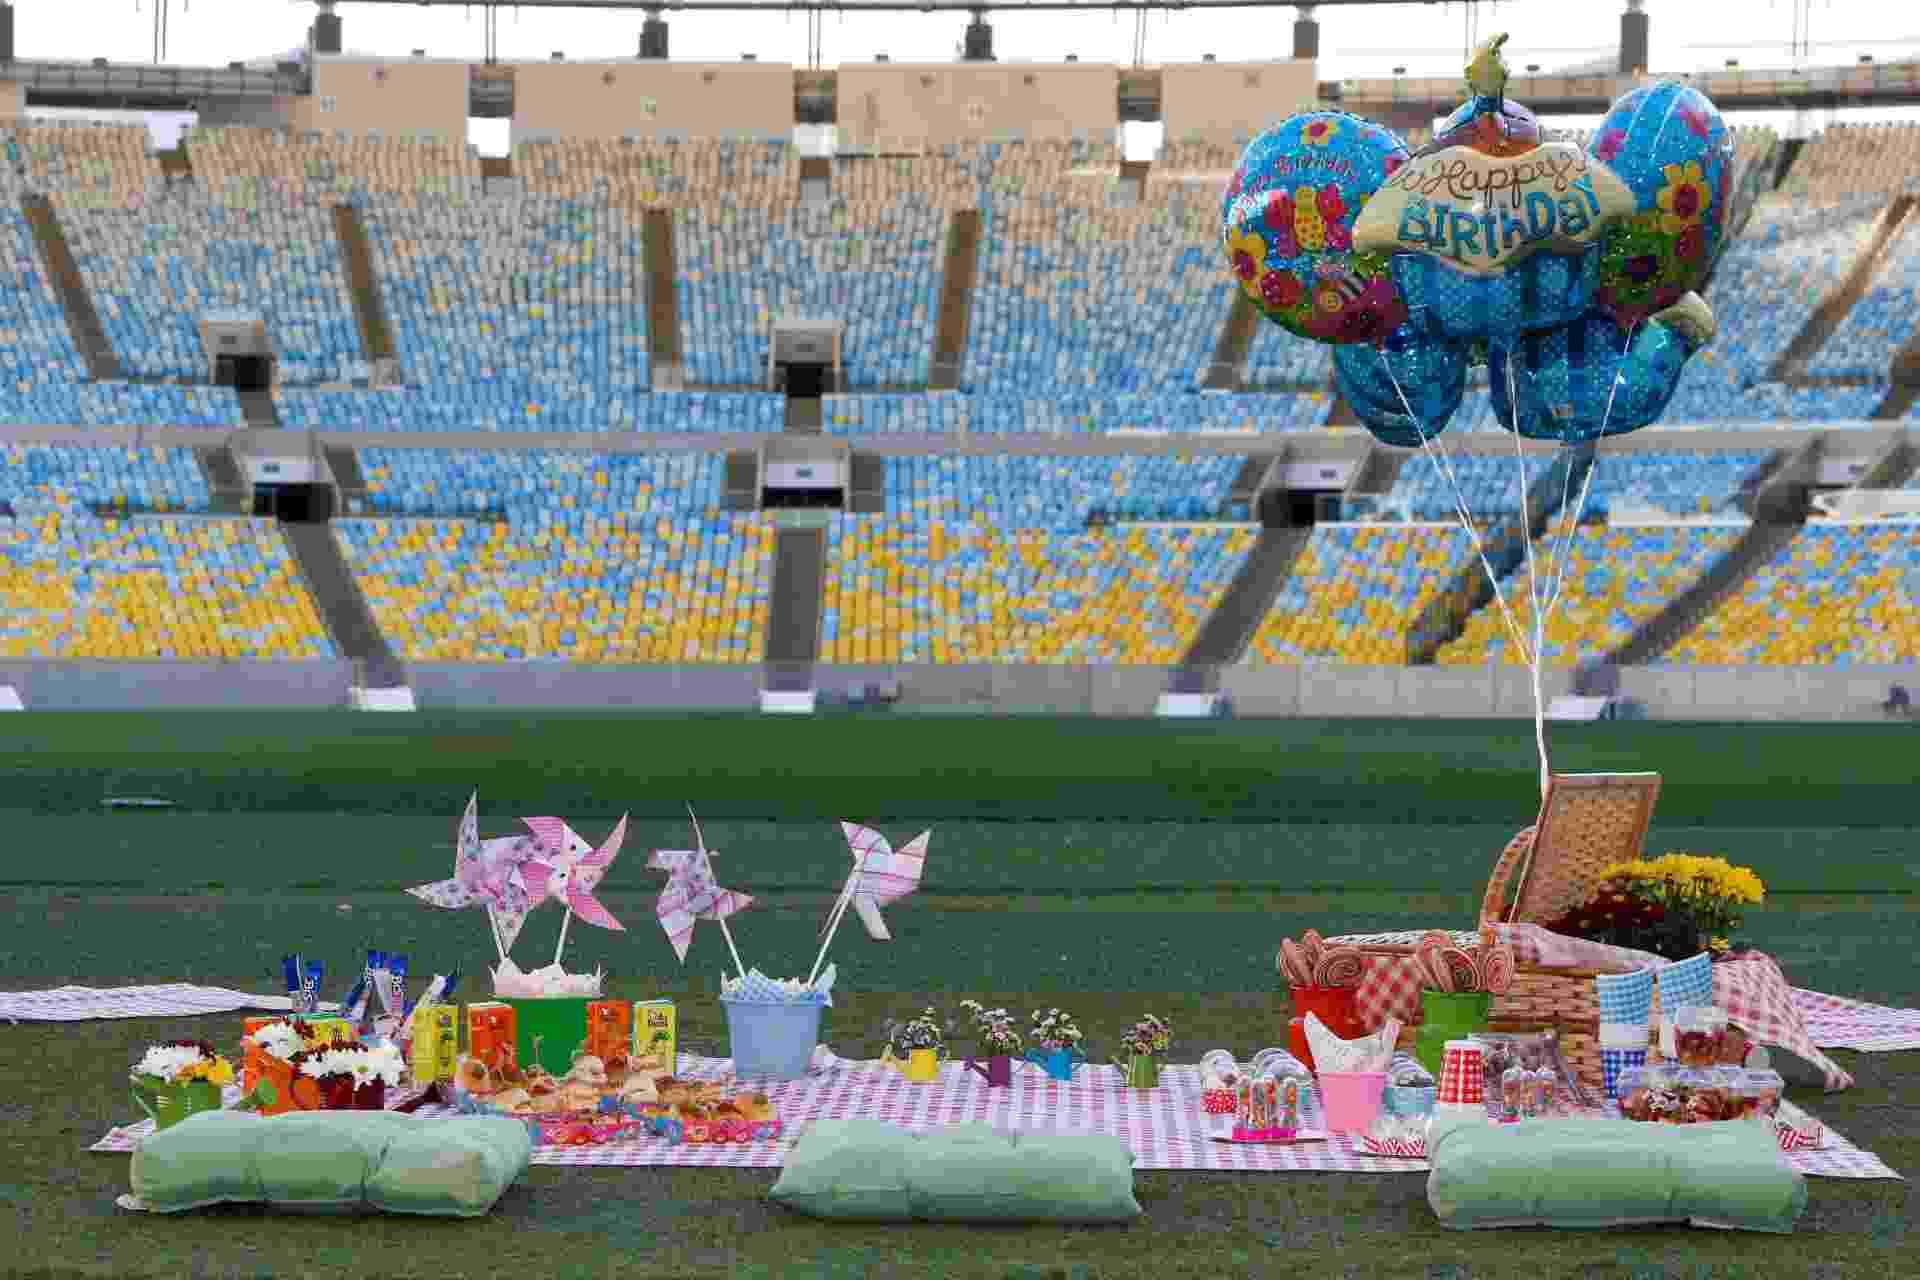 """Um dos principais estádios do Brasil, o Maracanã, no Rio de Janeiro, tornou-se opção para a comemoração de aniversários com o """"Piquenique Show de Bola"""". Sobre a grama sintética dos setores Norte e Sul do estádio, são colocadas toalhas xadrezes e almofadas, de acordo com o número de convidados do evento, que pode receber de 20 a 50 pessoas - Staff Images"""